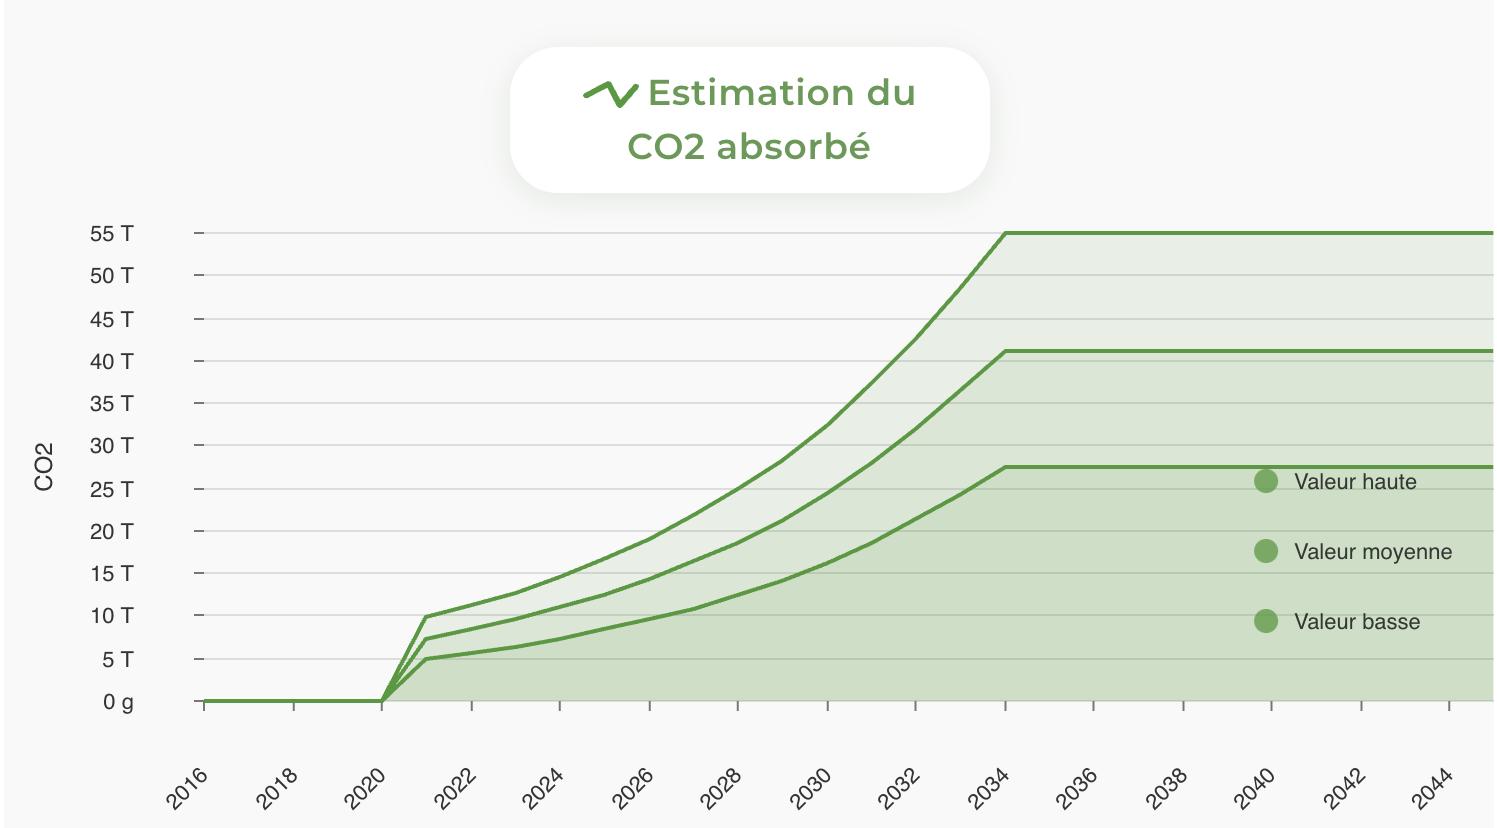 Estimation du C02 absorbé par les pins maritimes de la forêt de Malicorne